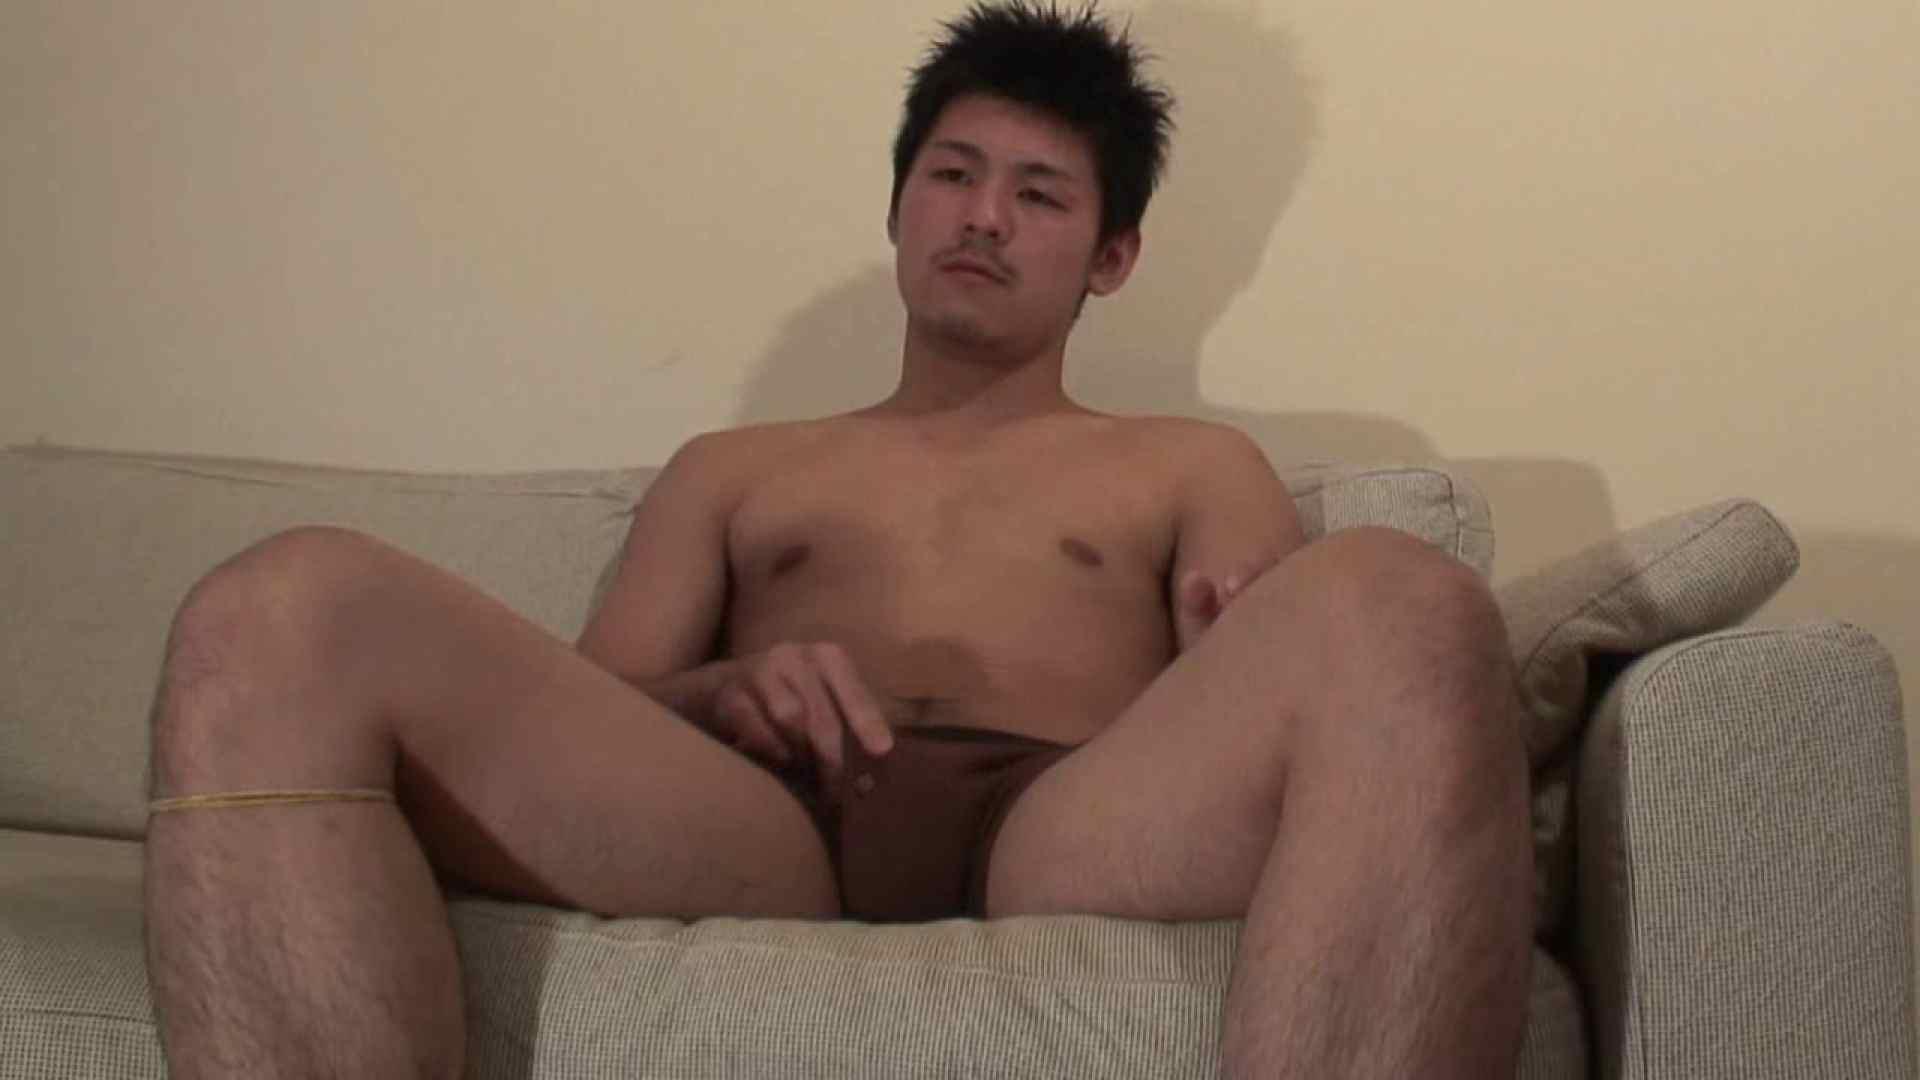 オラオラ系兄貴の飛ばしてなんぼ!! オナニー編 ゲイ無料エロ画像 91枚 31